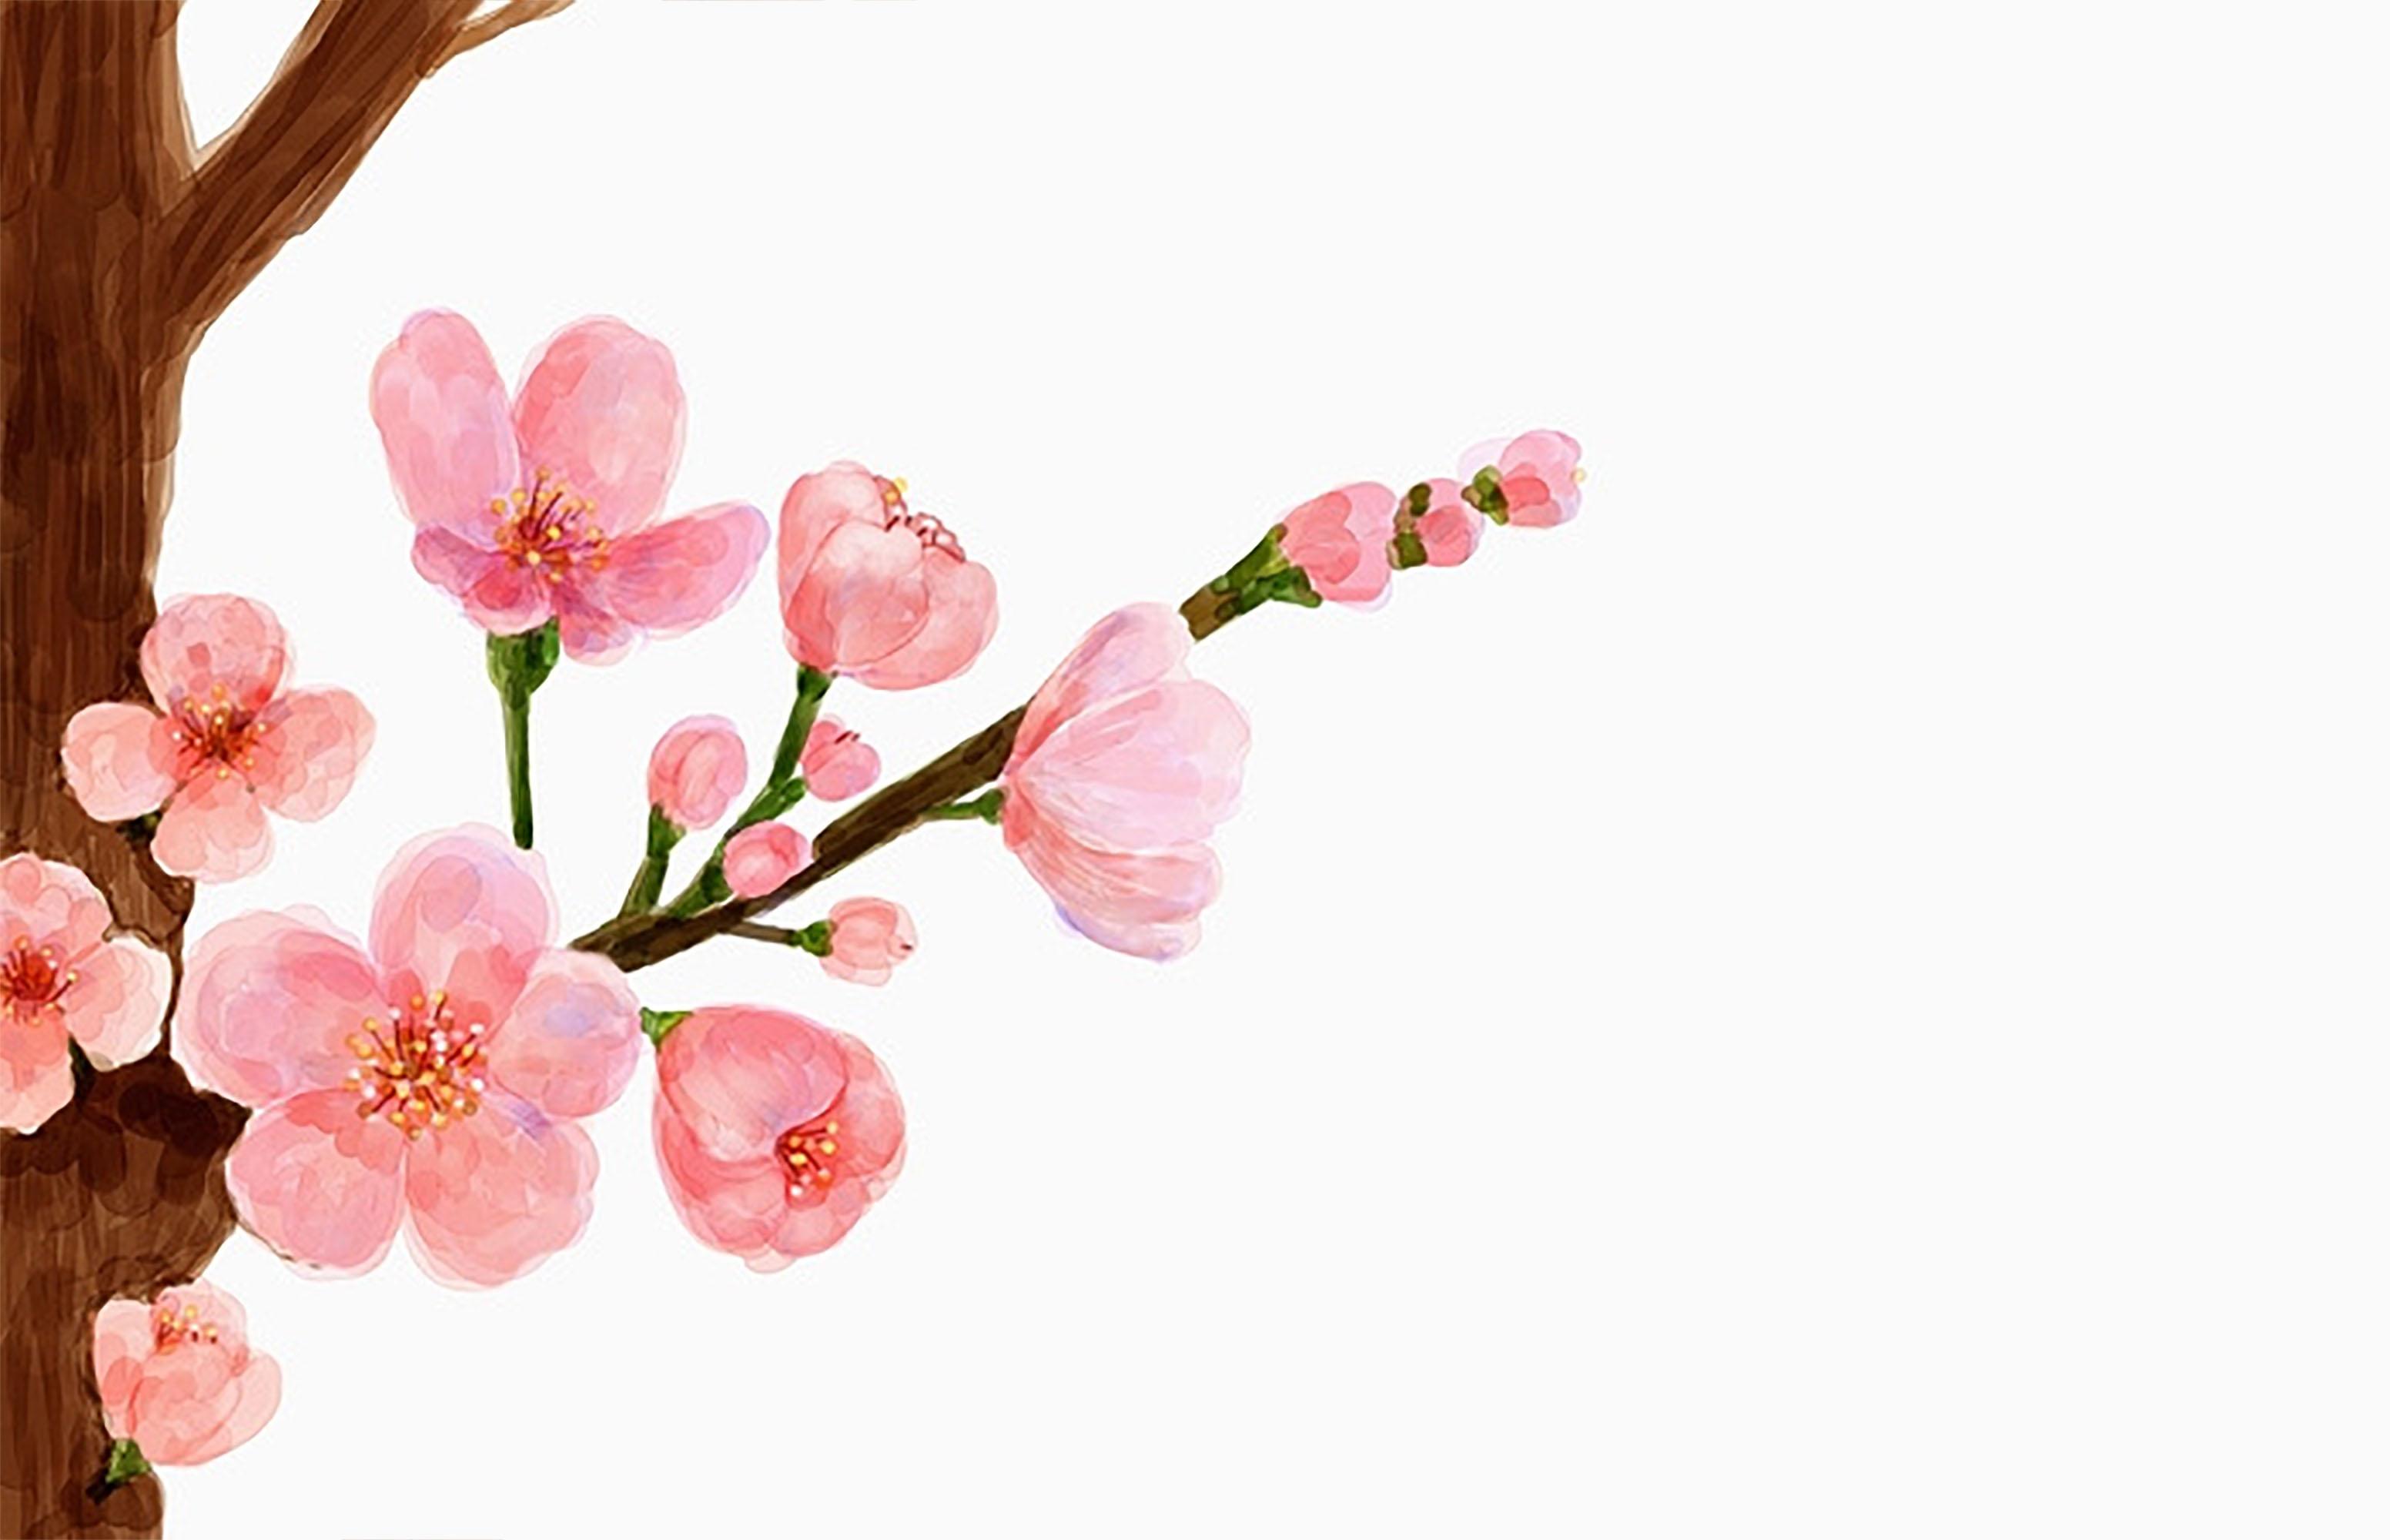 Rosa Fiori Di Pesco Rosa IL Fiore Di Pesco Caldo Bianco